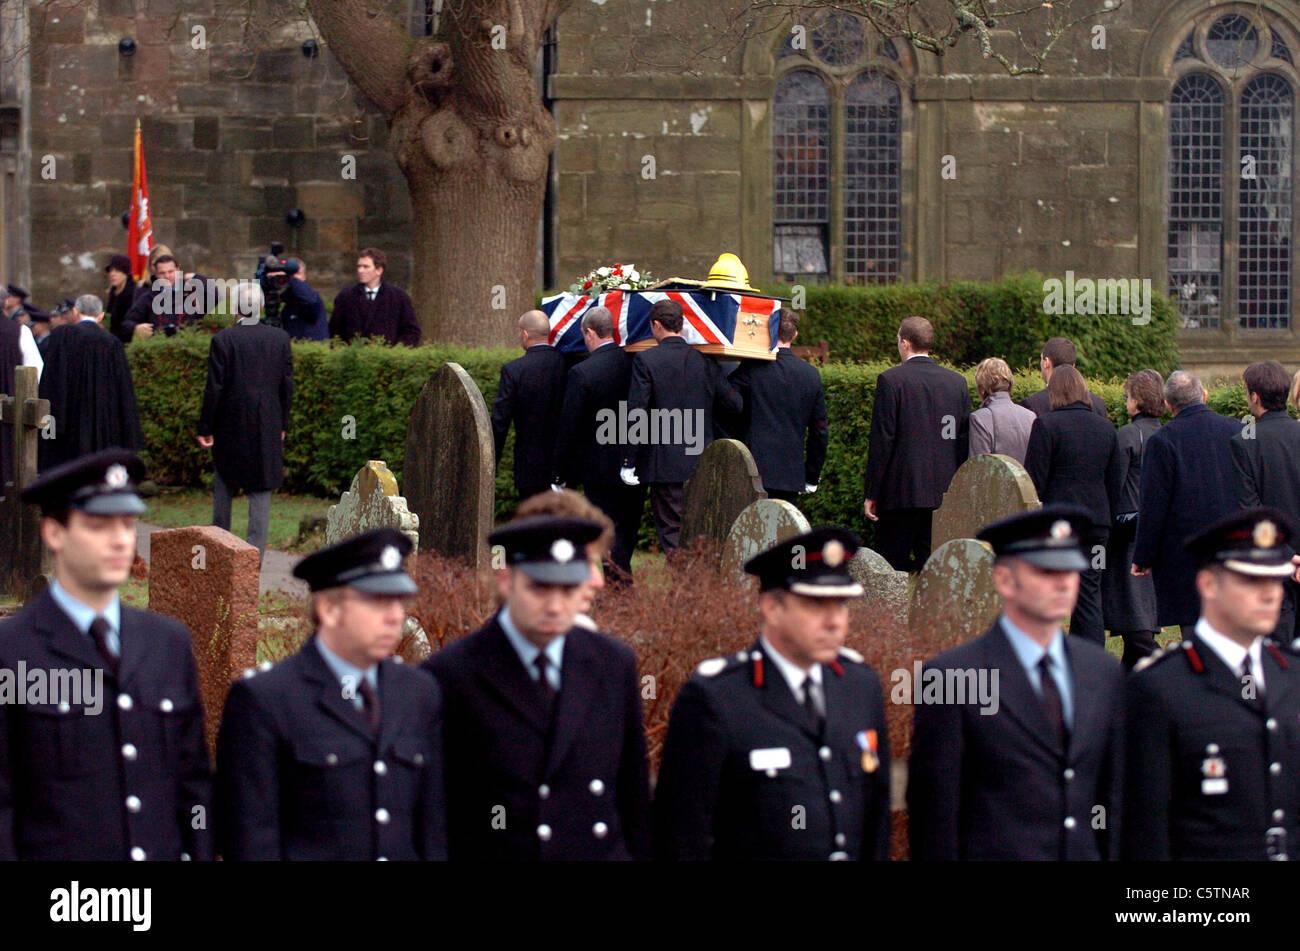 Tränen für einen Kollegen, Feuerwehr-Mitglieder zeigen ihre Gefühle bei der Beerdigung von Feuerwehrmann Stockbild